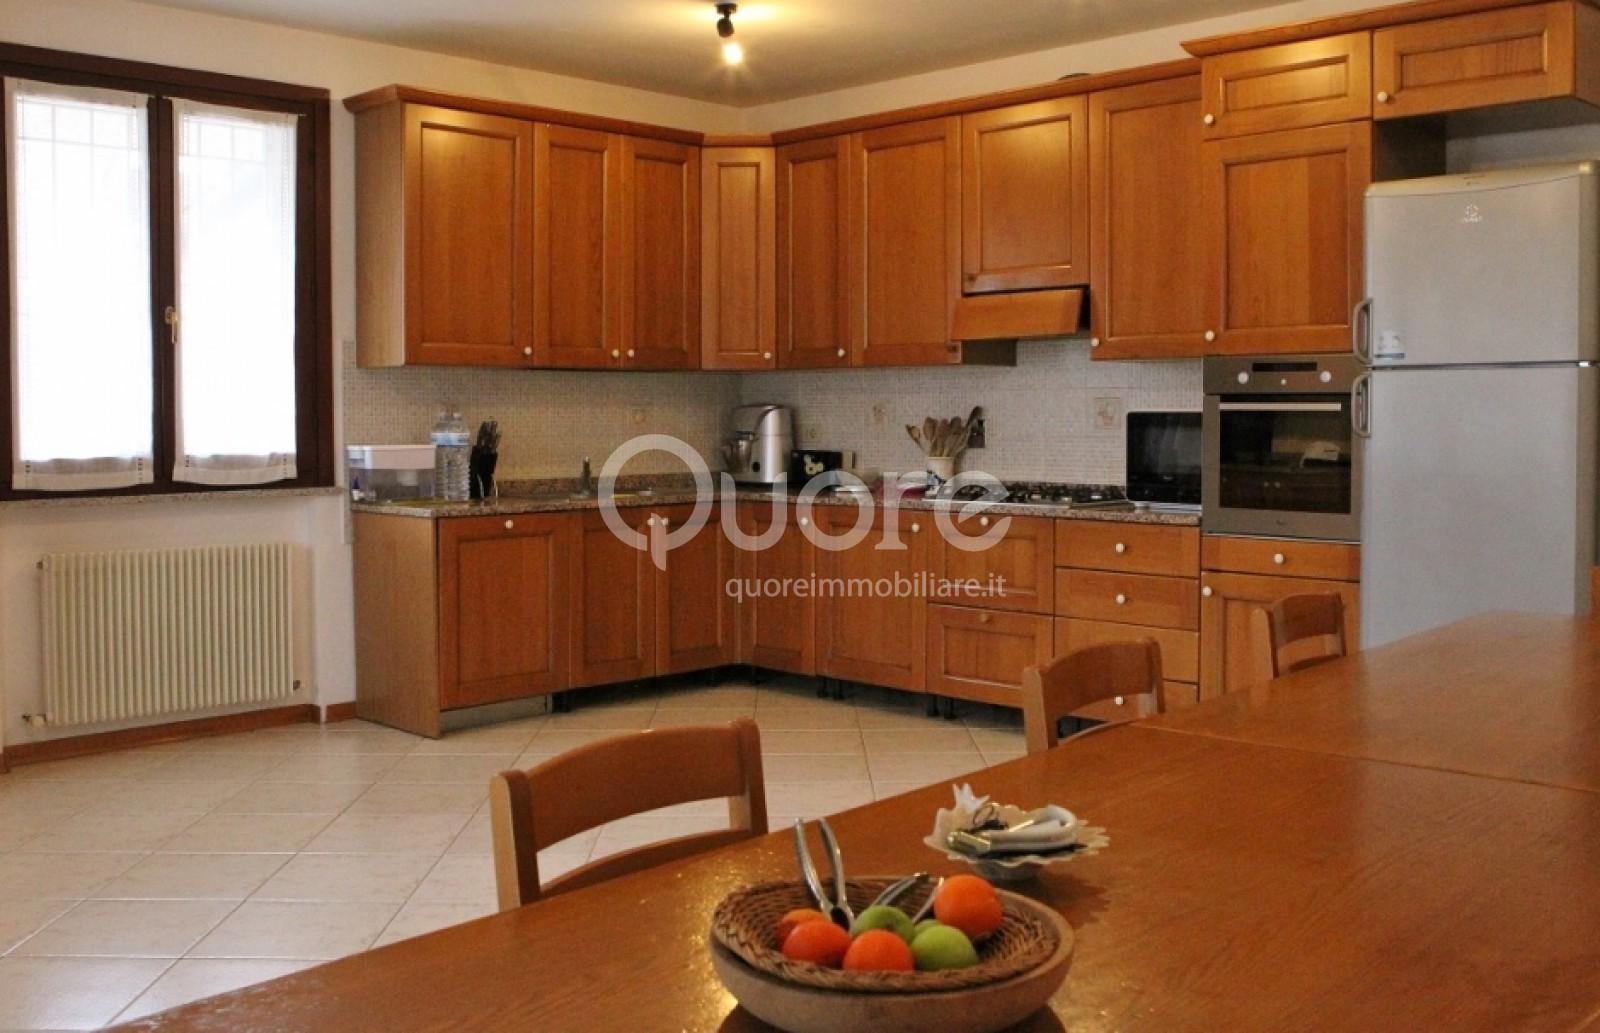 Villa in vendita a Udine, 10 locali, prezzo € 395.000 | Cambio Casa.it